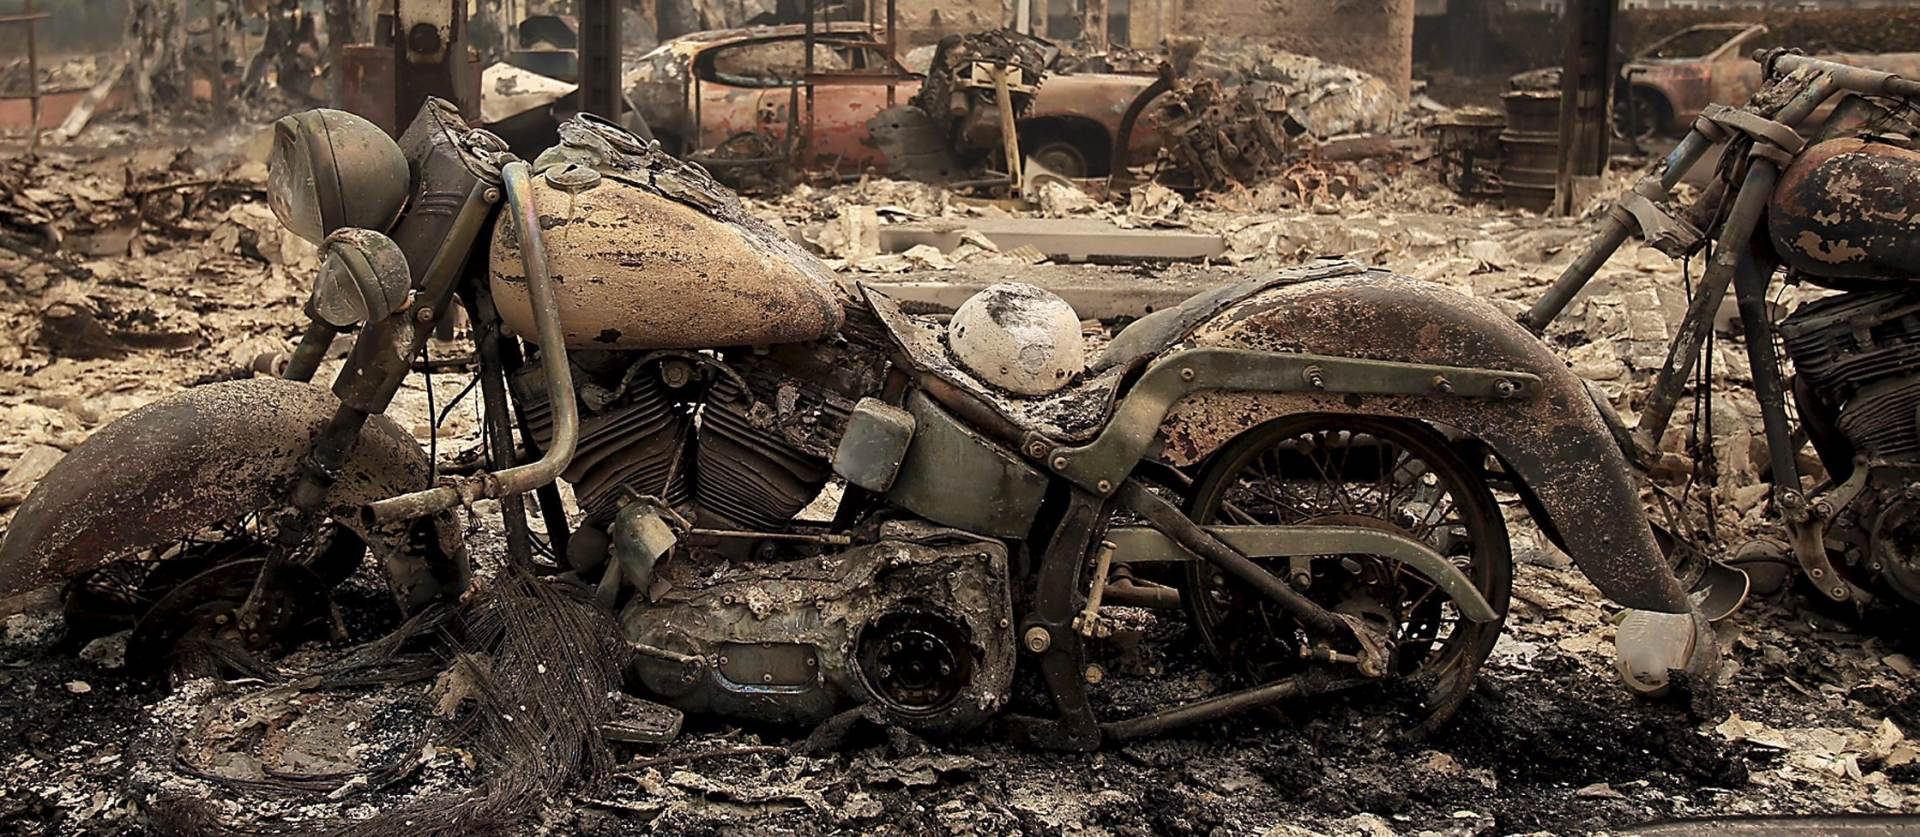 POŽAR U KALIFORNIJI: Poginula jedna osoba,, spaljeno 400 kuća i tisuće hektara